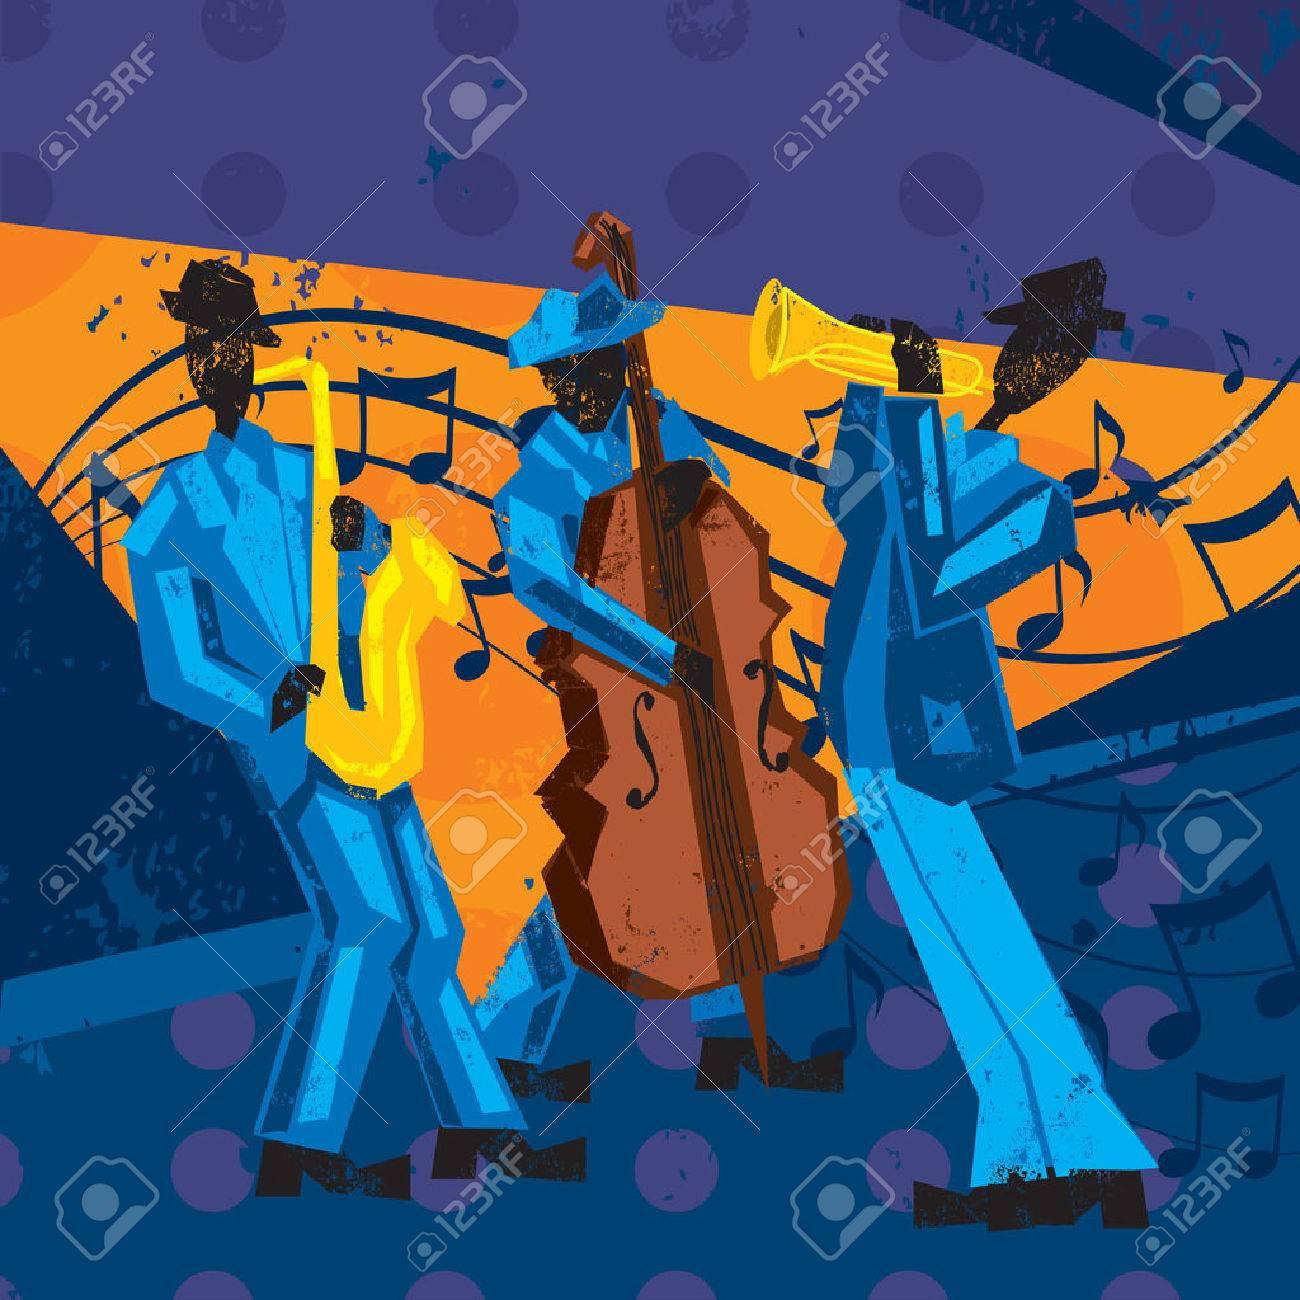 Jazz Band - 45576025